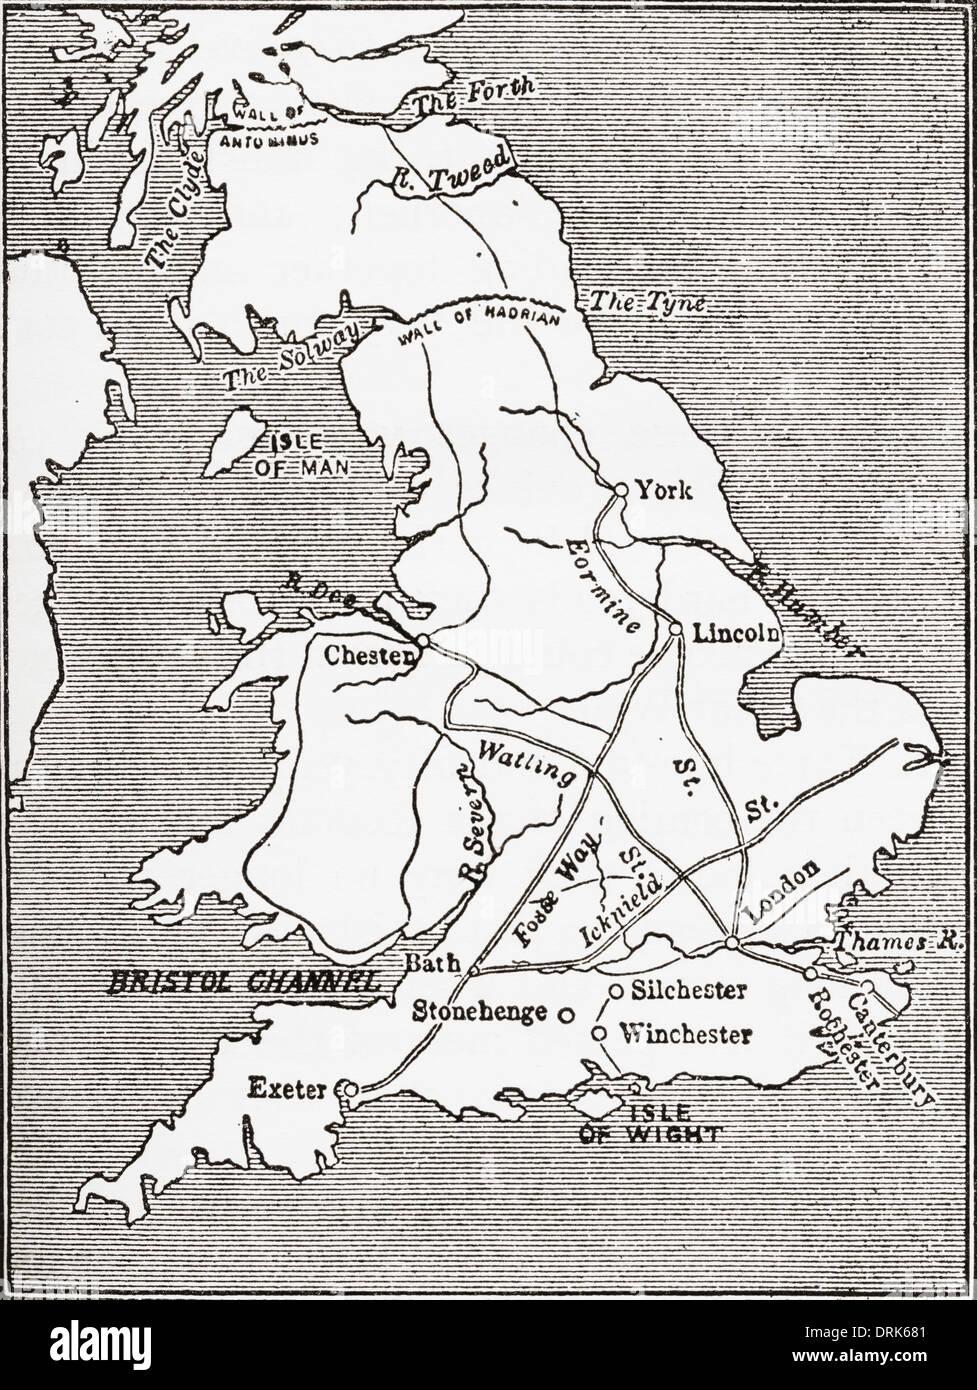 Carte montrant les routes romaines en Grande-Bretagne. Photo Stock